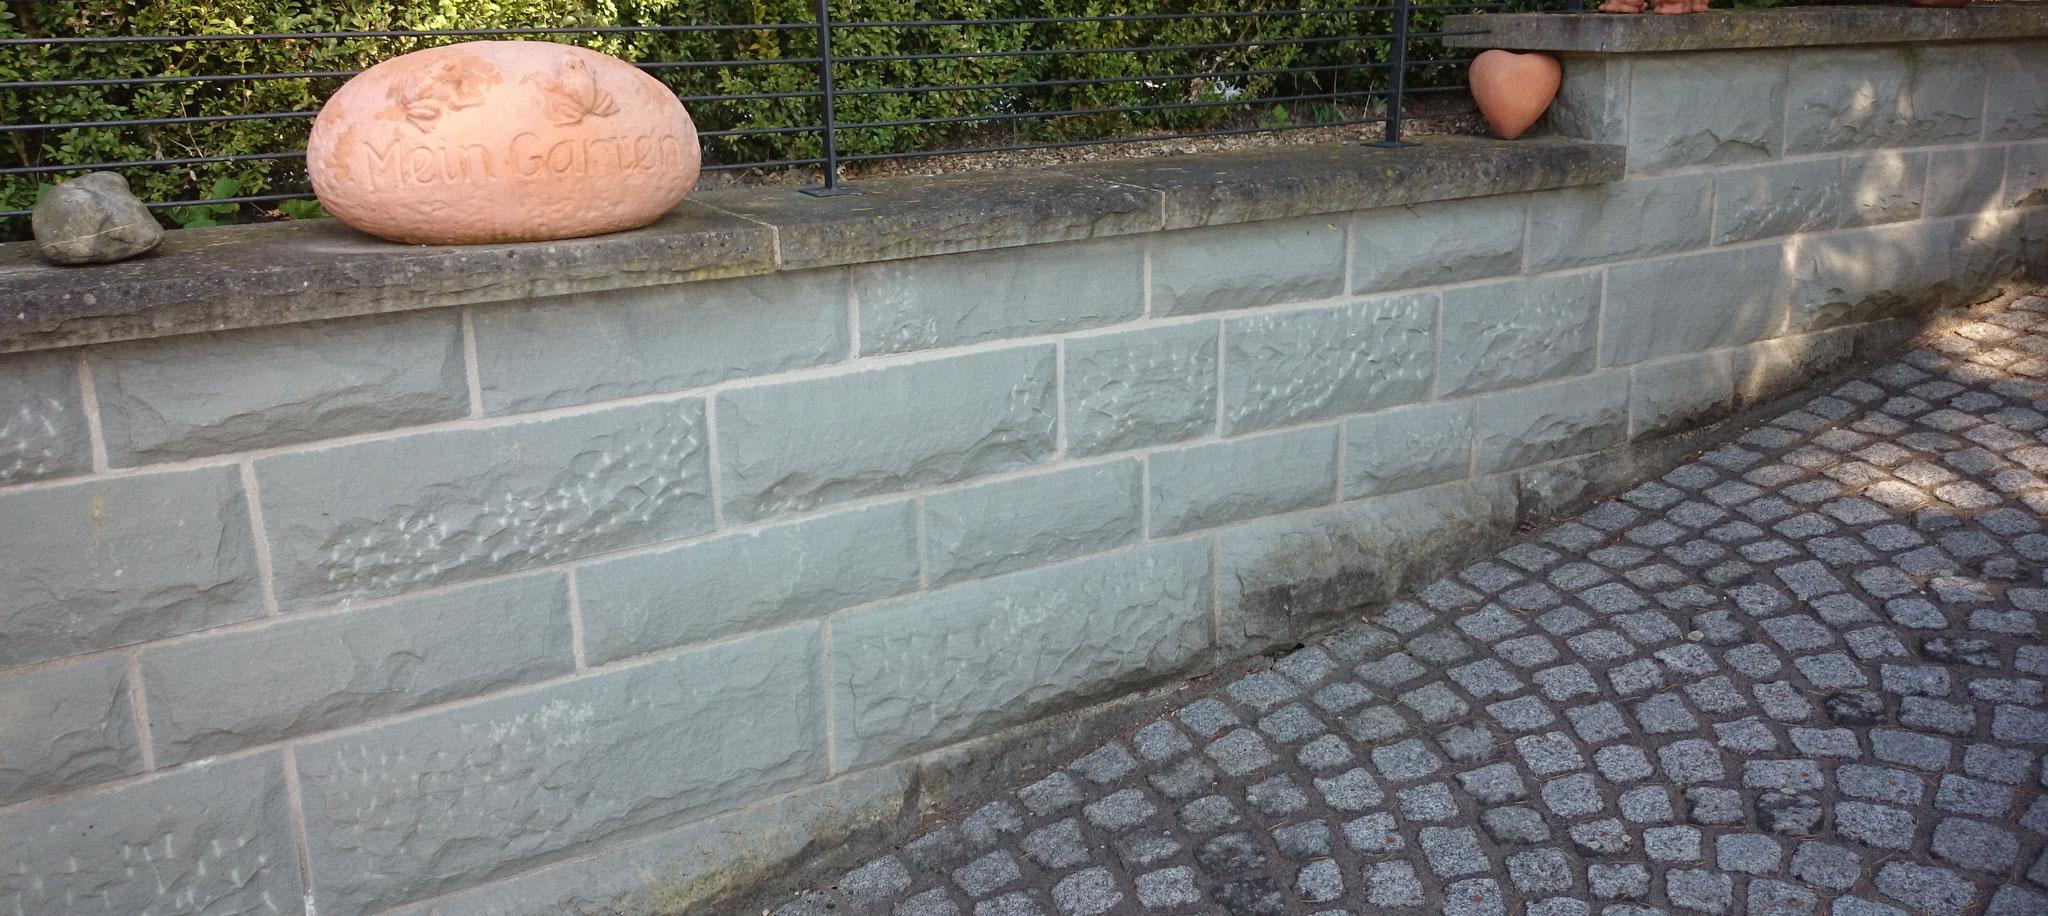 Verkleidung aus Rohrschacher Sandstein